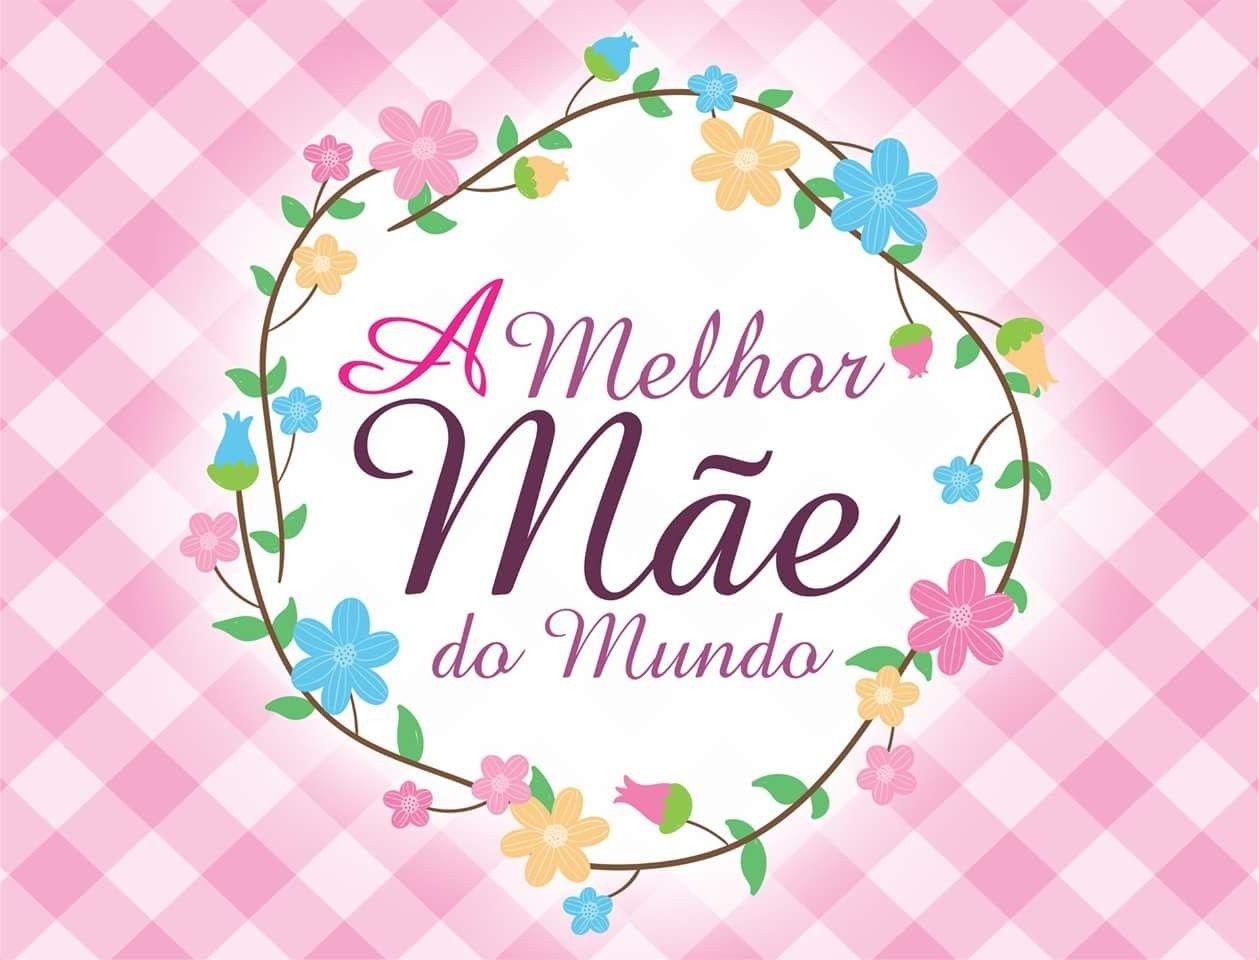 Dia Das Maes Canecas Dia Das Maes Tag Dia Das Maes Ideias Para